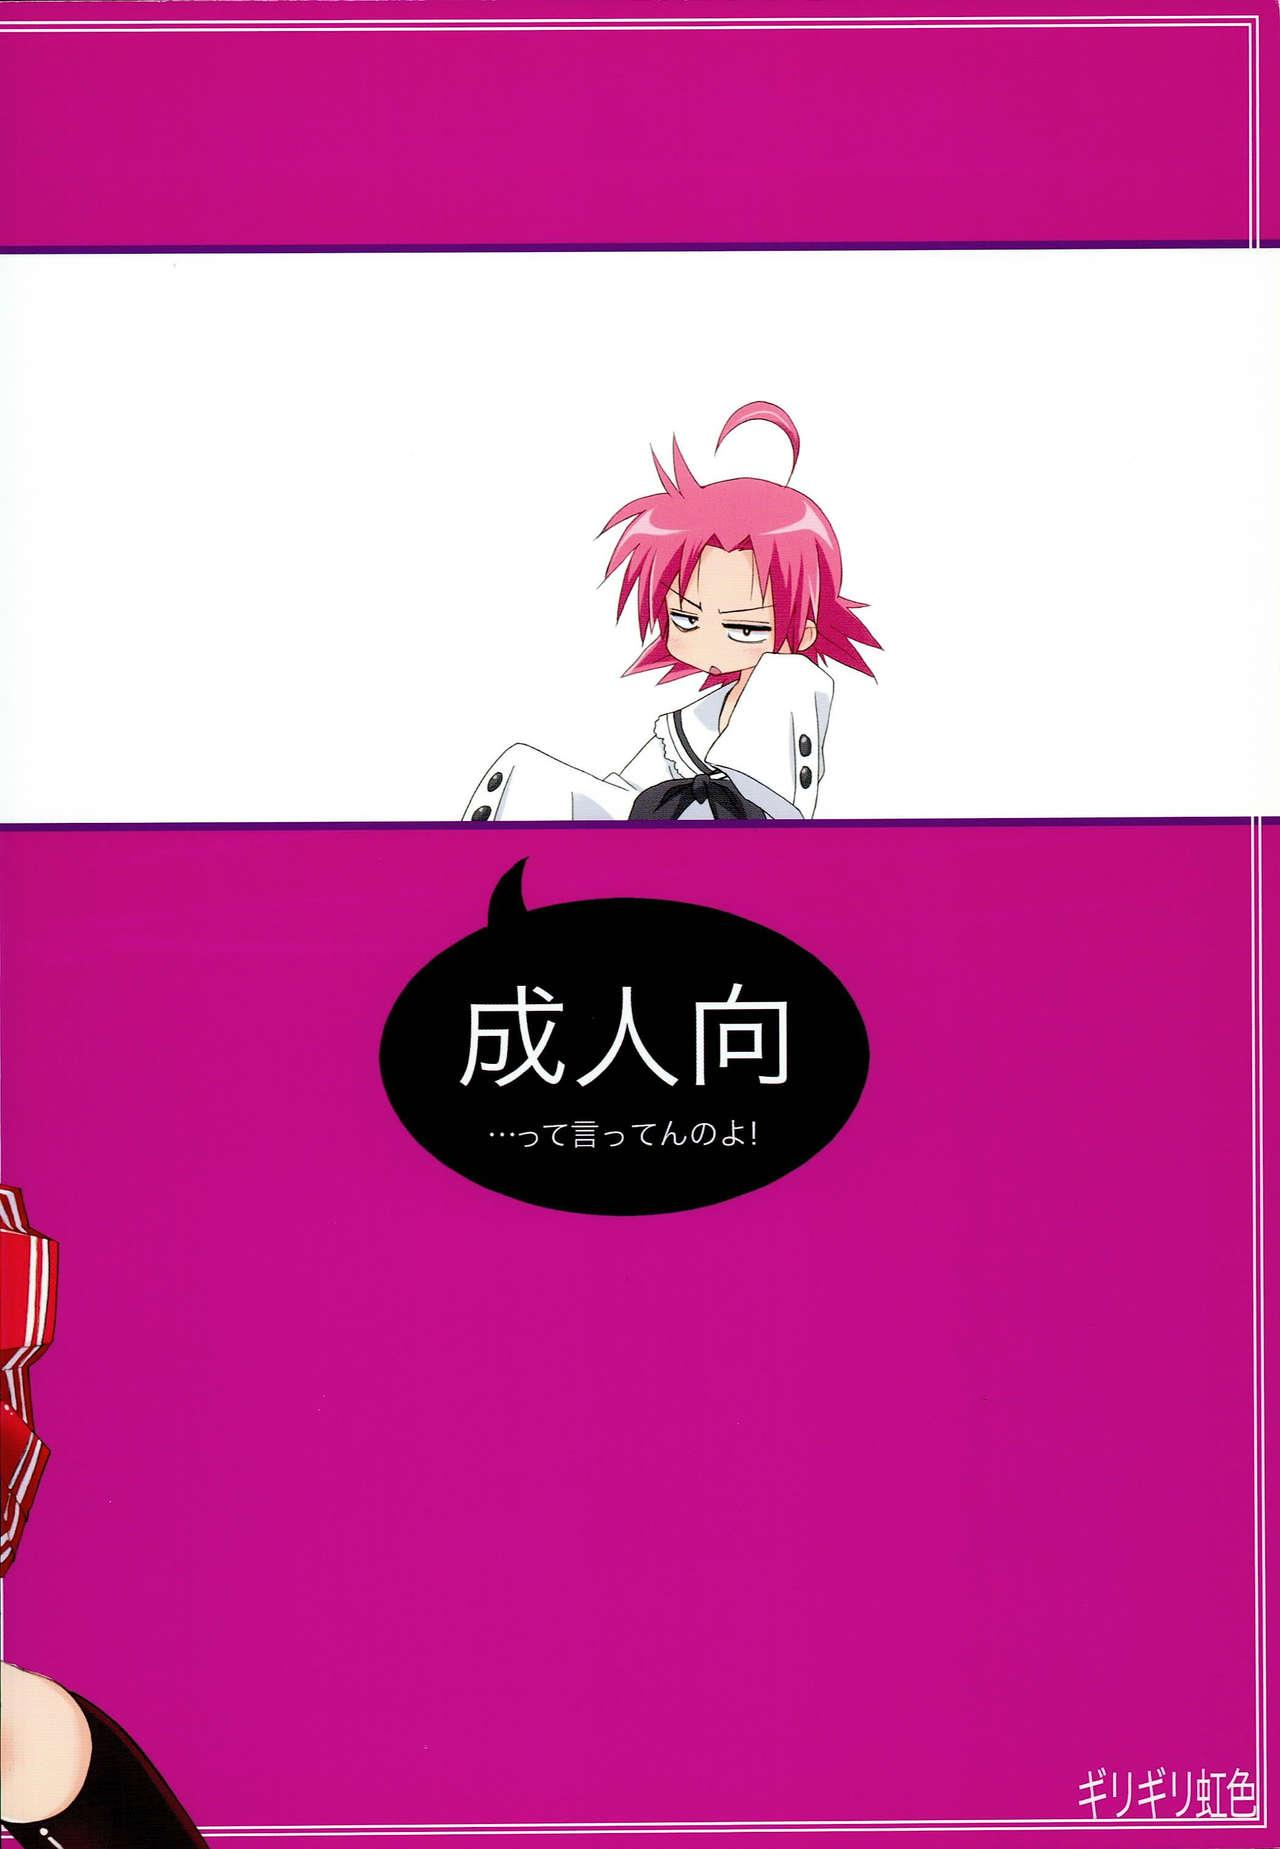 [Girigiri Nijiiro (Kamino Ryu-ya)] Ohirune Shitetara Kona-chan to Onee-chan ga Kona-chan no Oji-san ni... (Lucky Star) [2009-06-09] 33